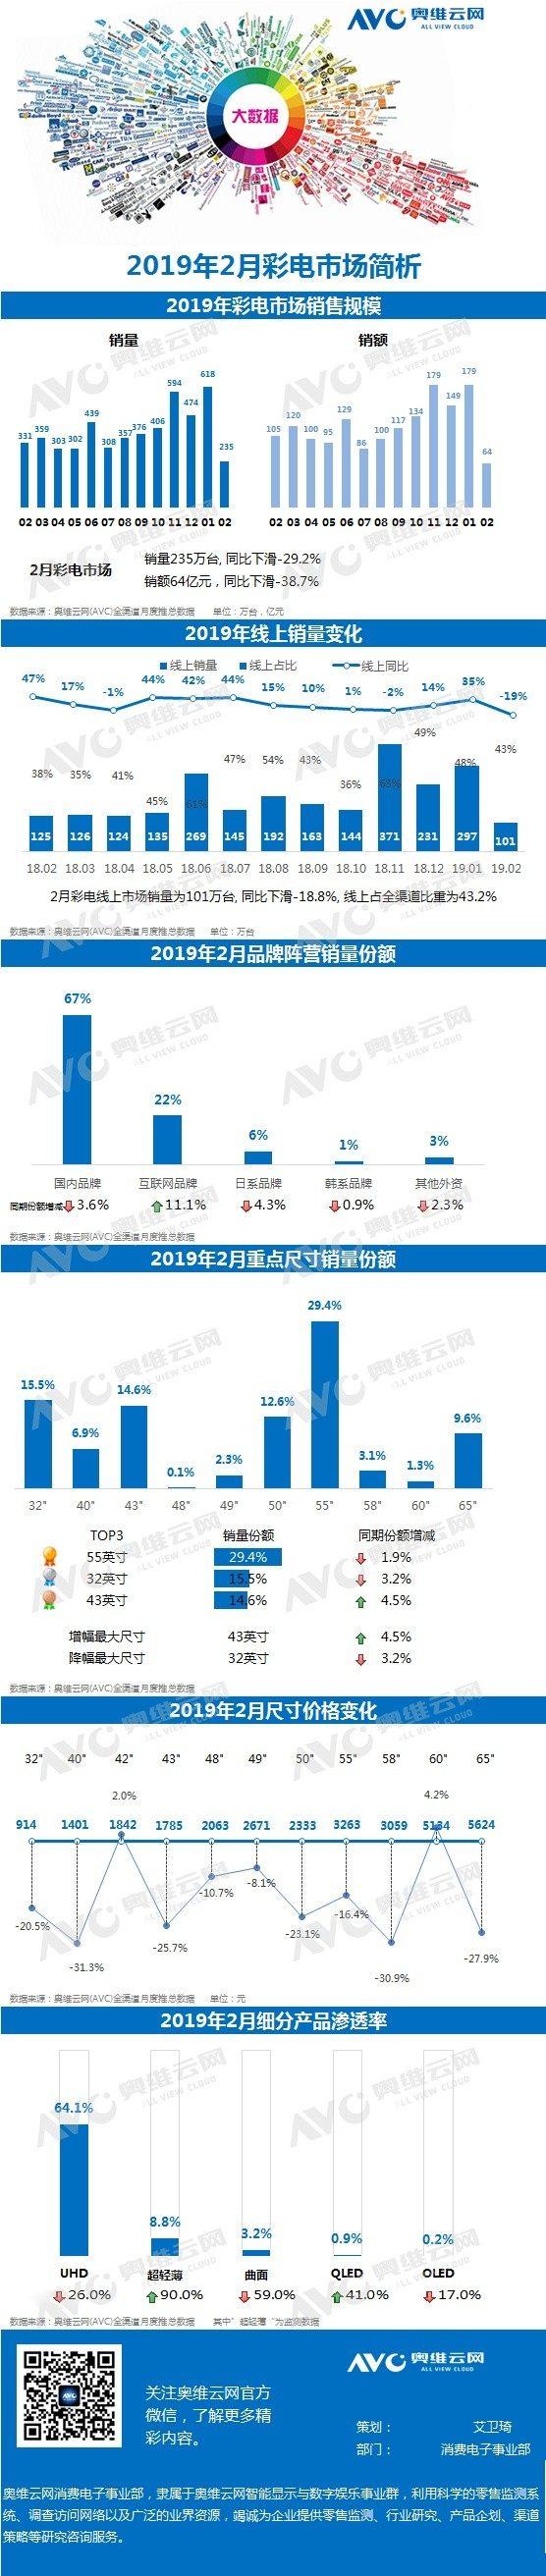 2019年2月彩电市场报告发布:55英寸电视最受欢迎